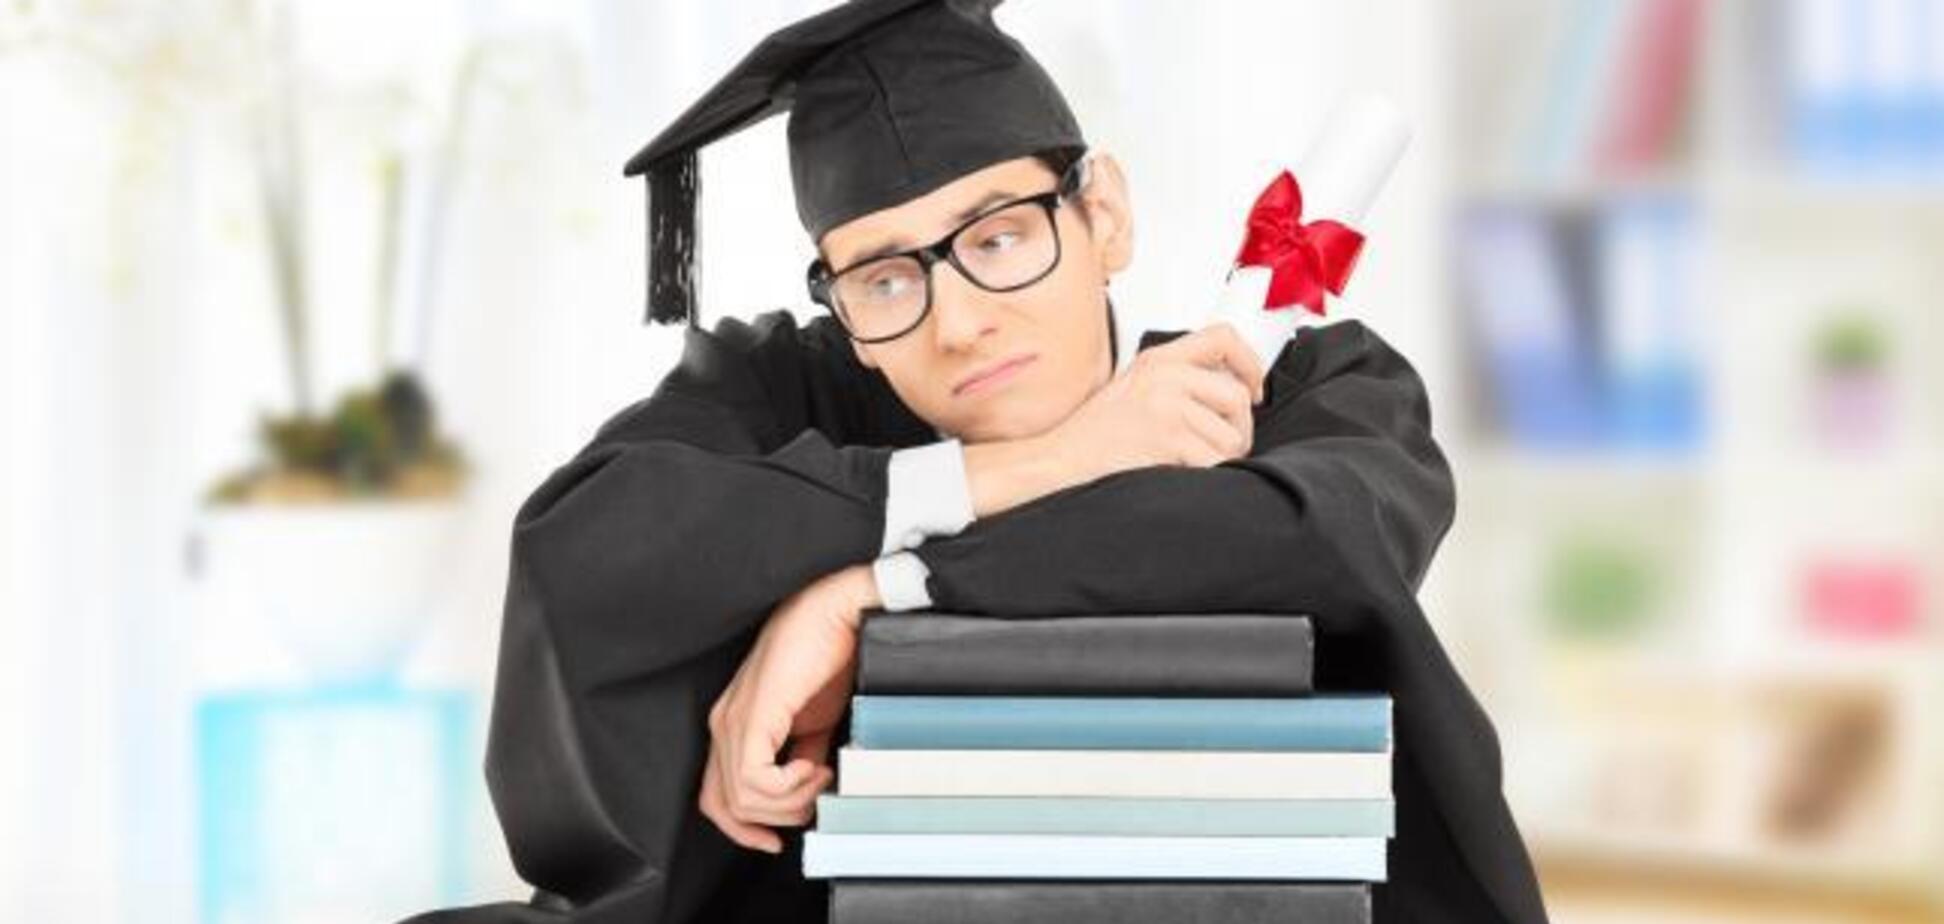 В Украине количество студентов за 20 лет уменьшилось почти вдвое: что случилось